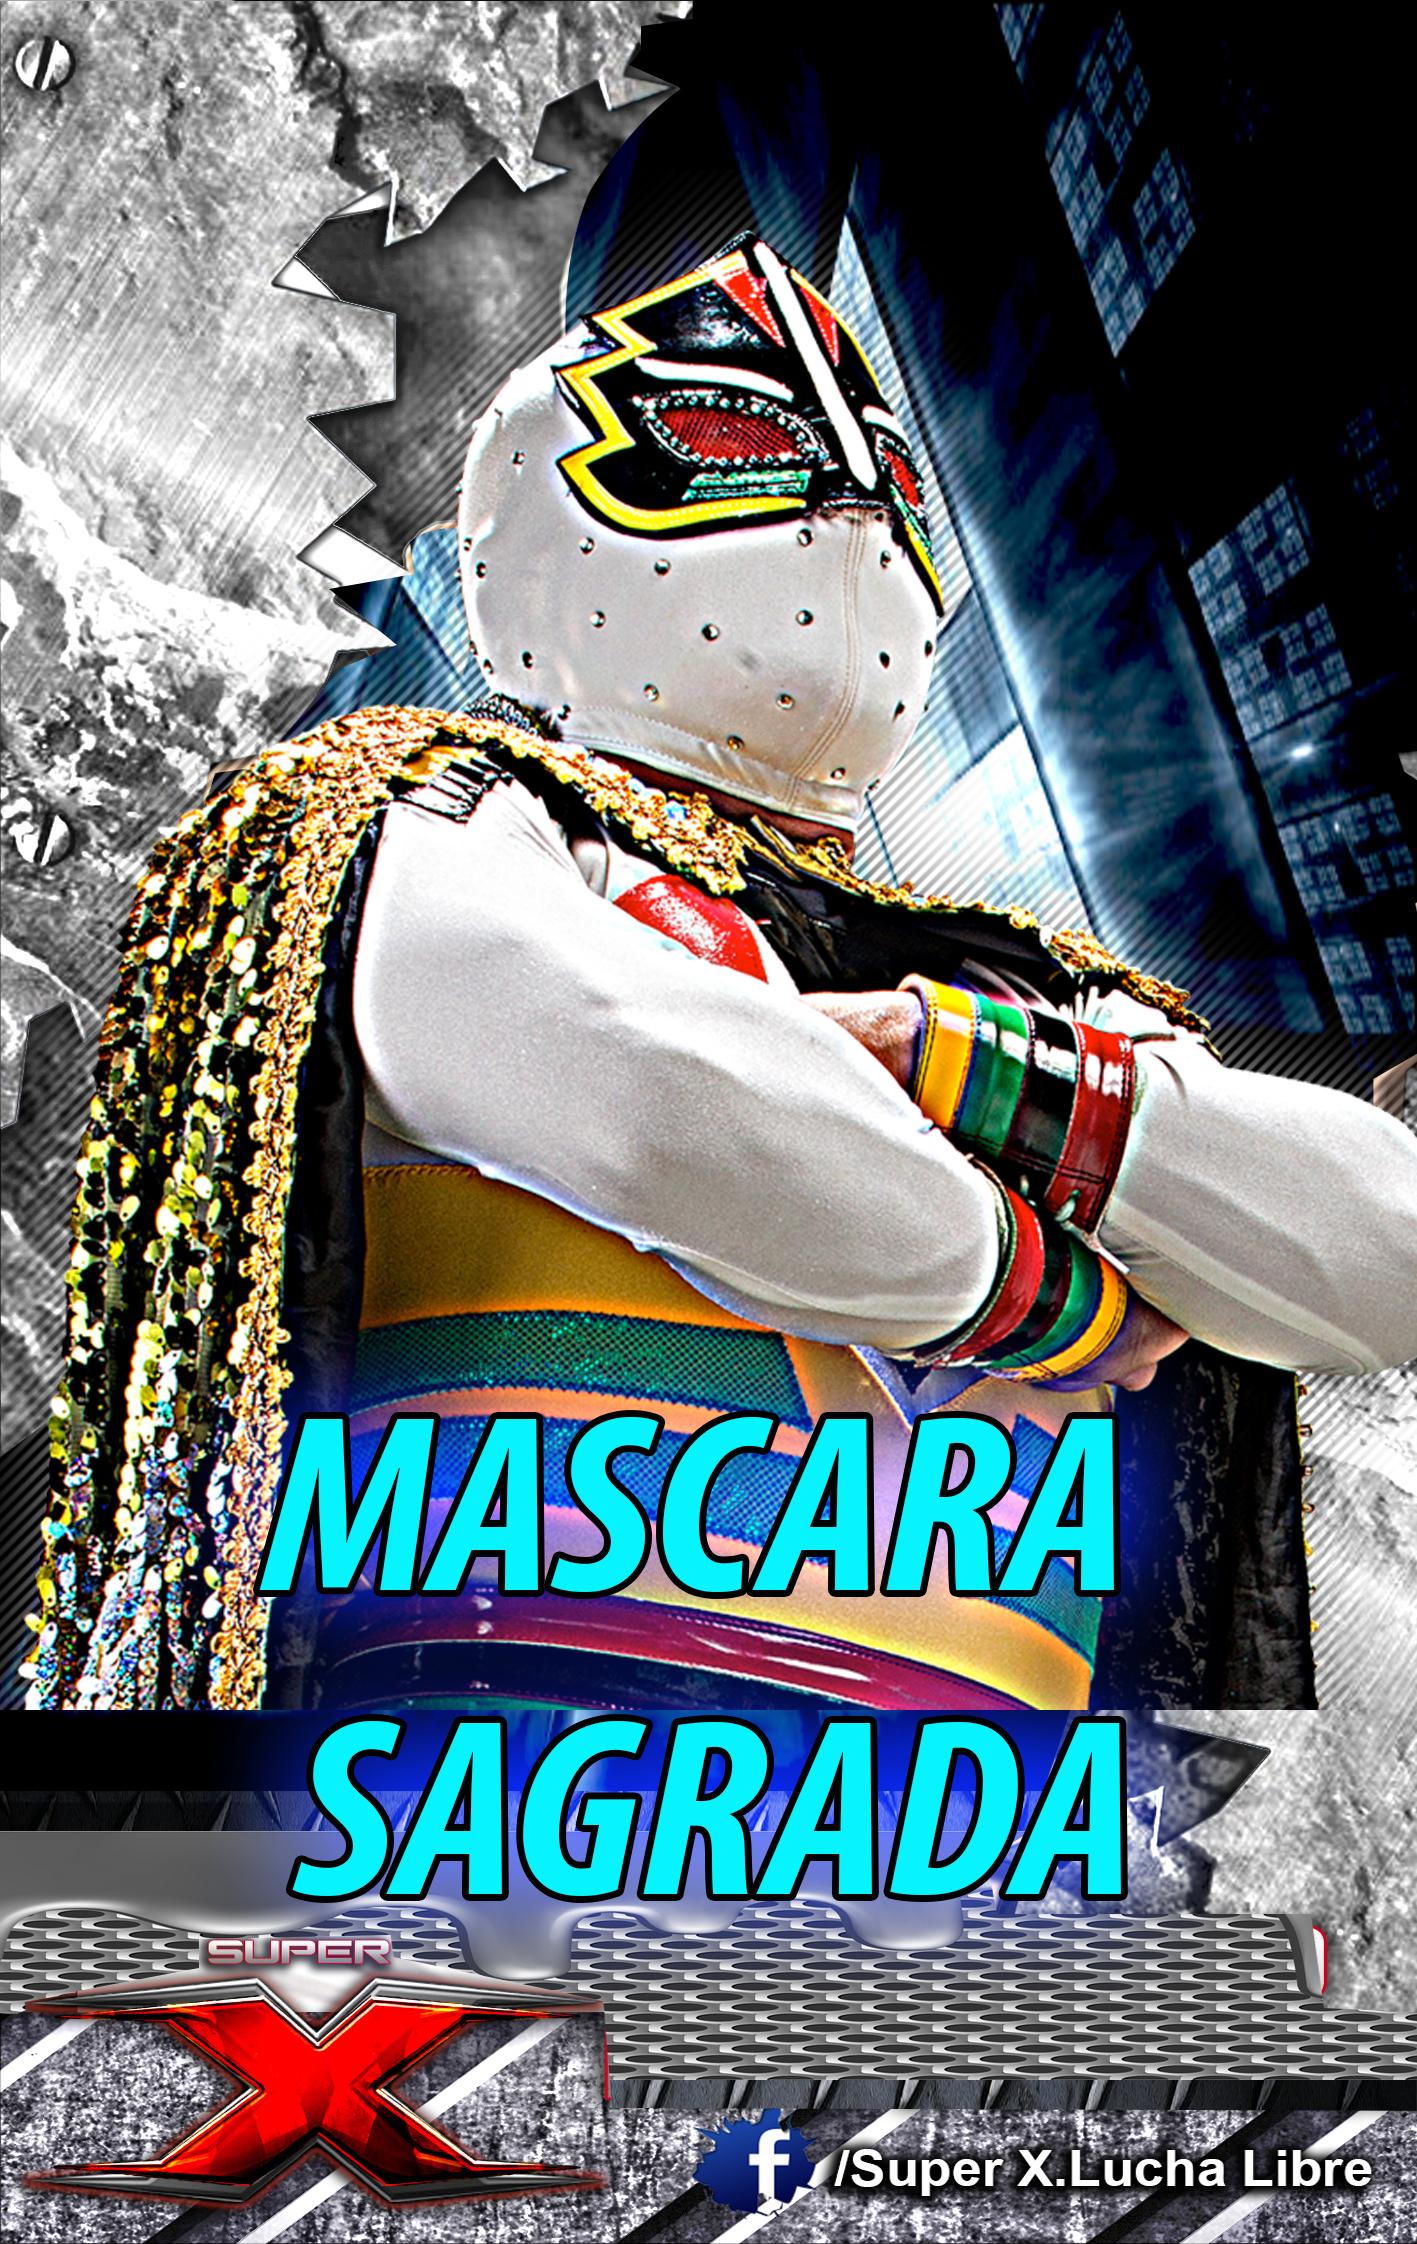 MASCARA-SAGRADA